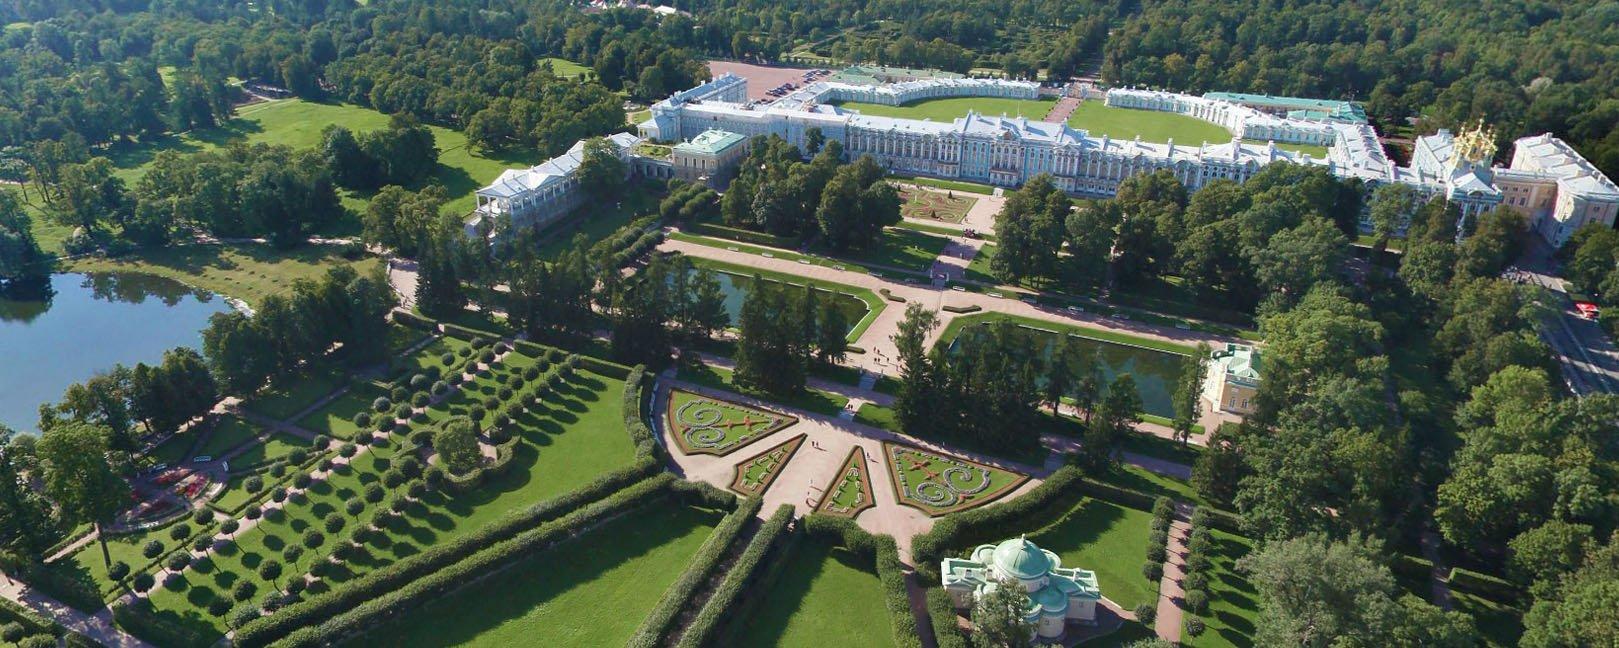 фото екатерининский парк в пушкине